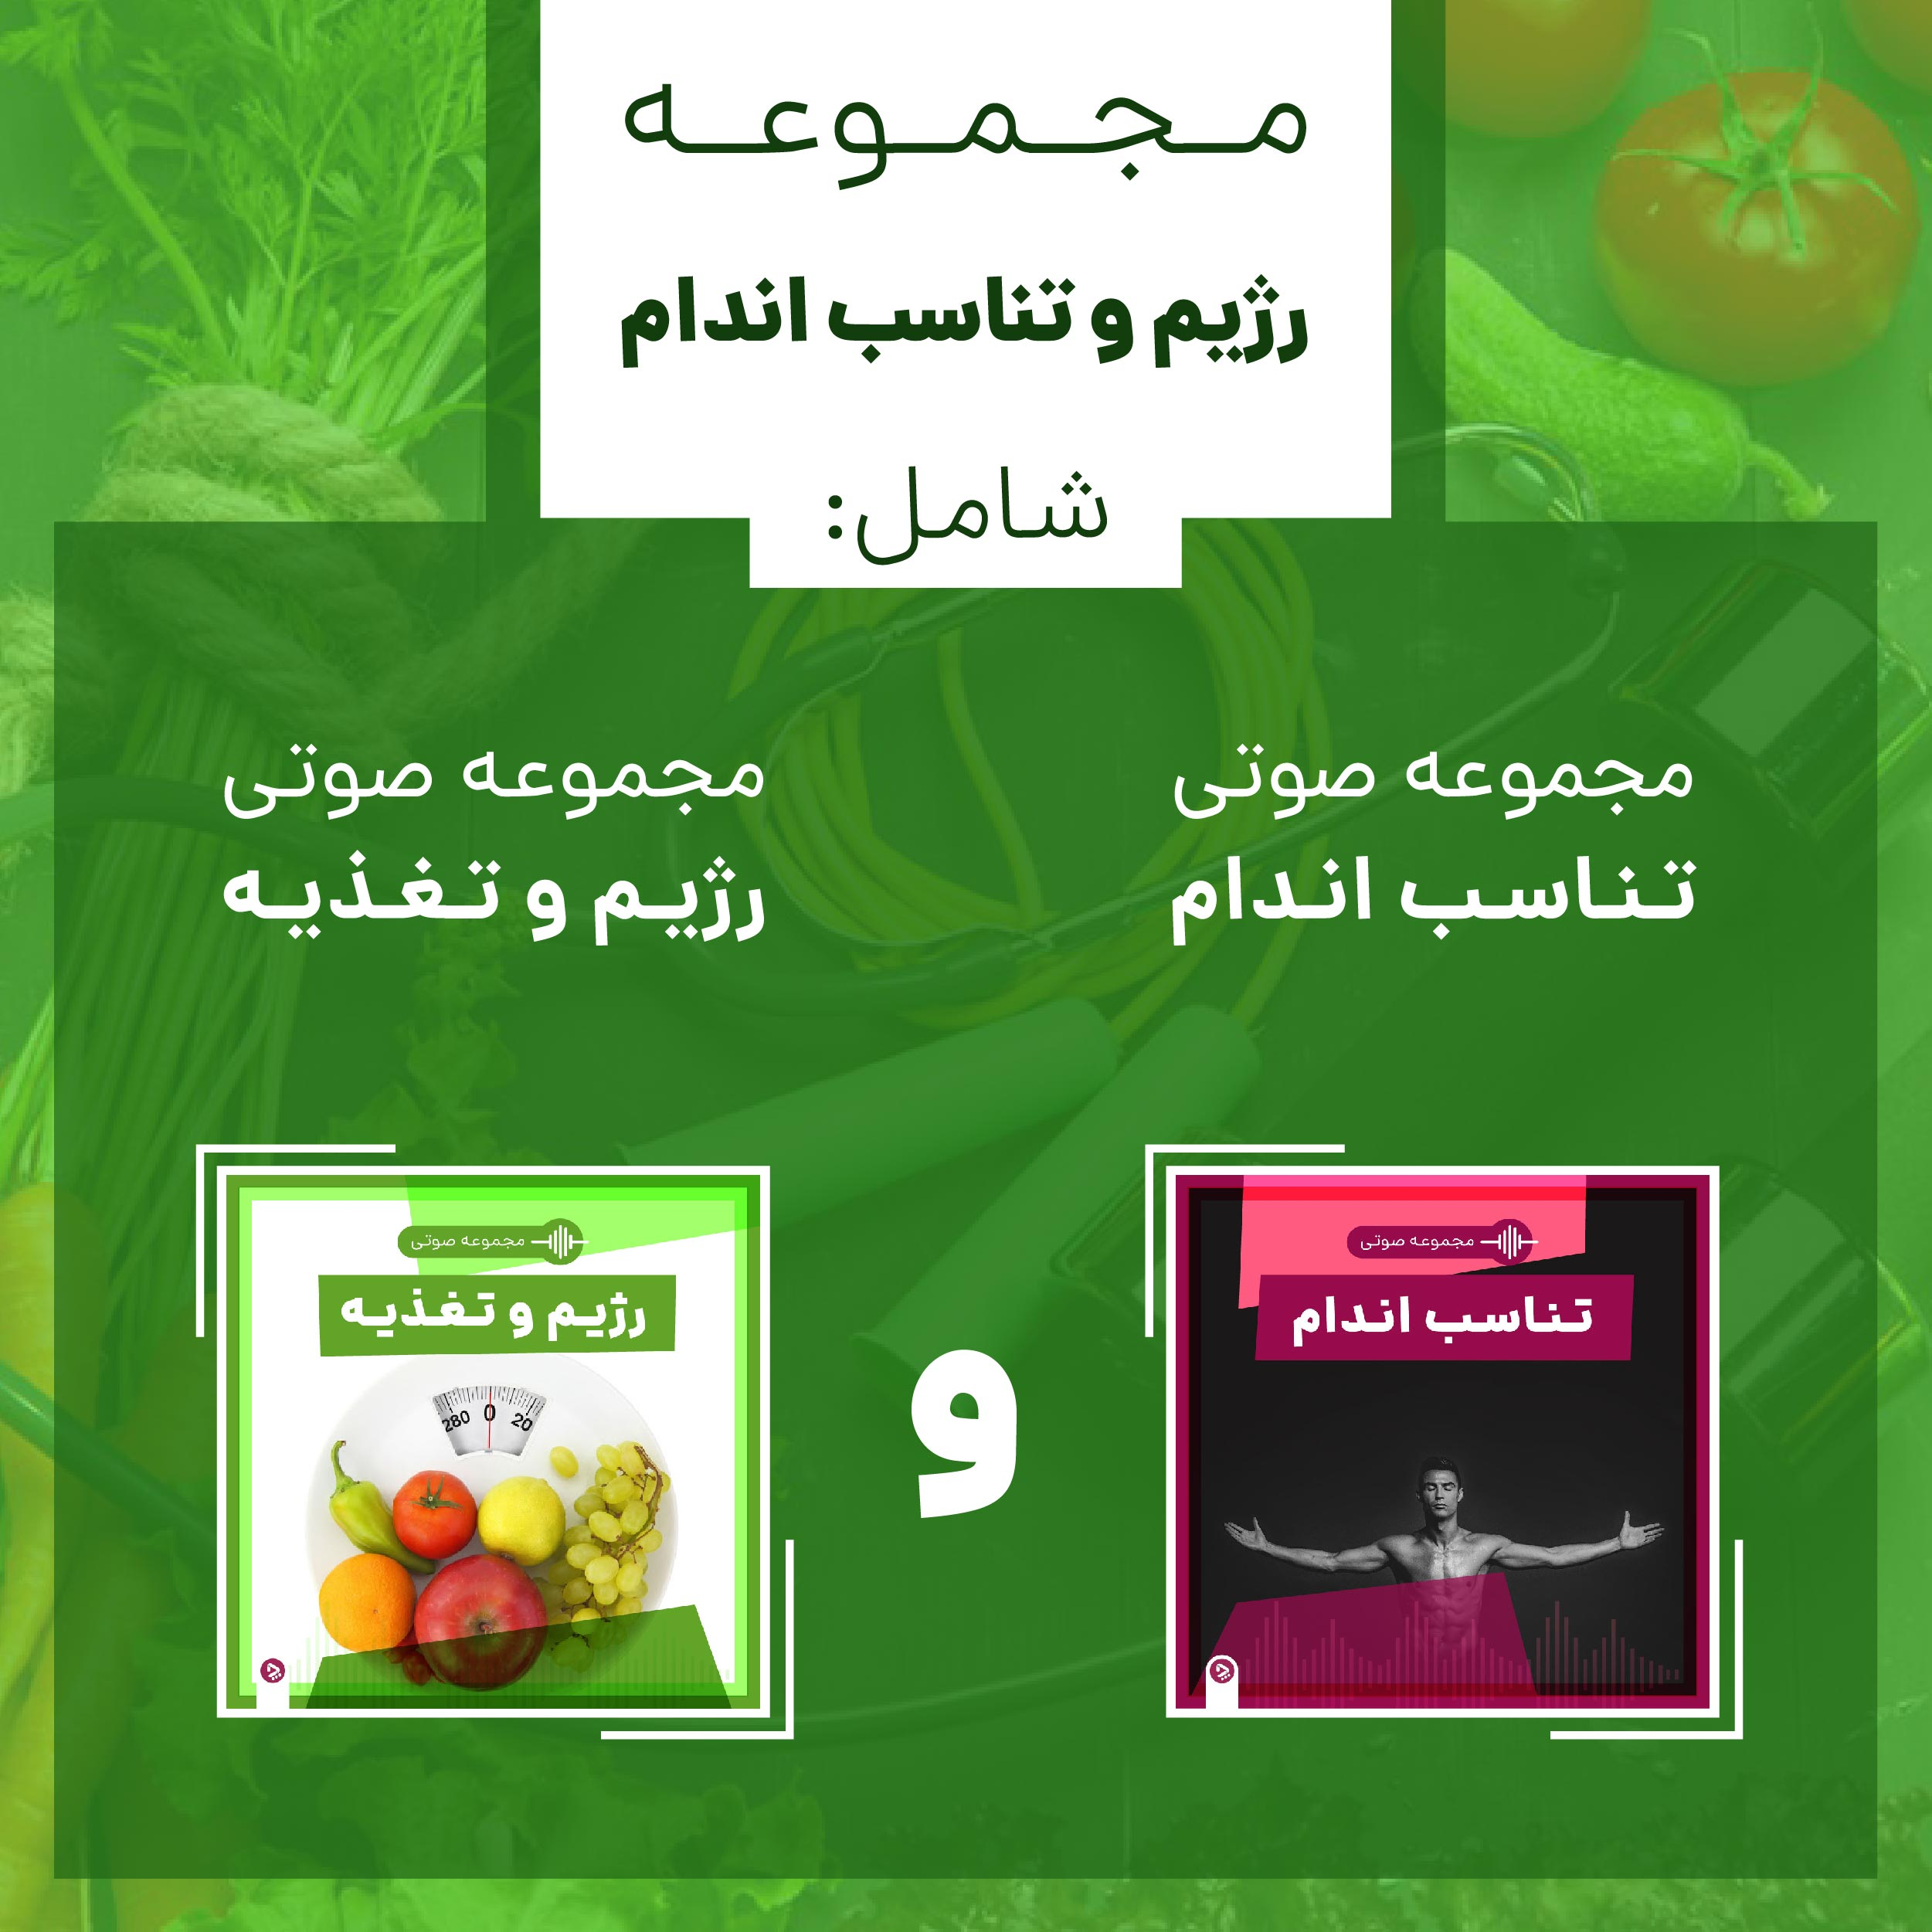 ۷ خوراکی سالم برای کاهش استرس بدون ترس از چاقی